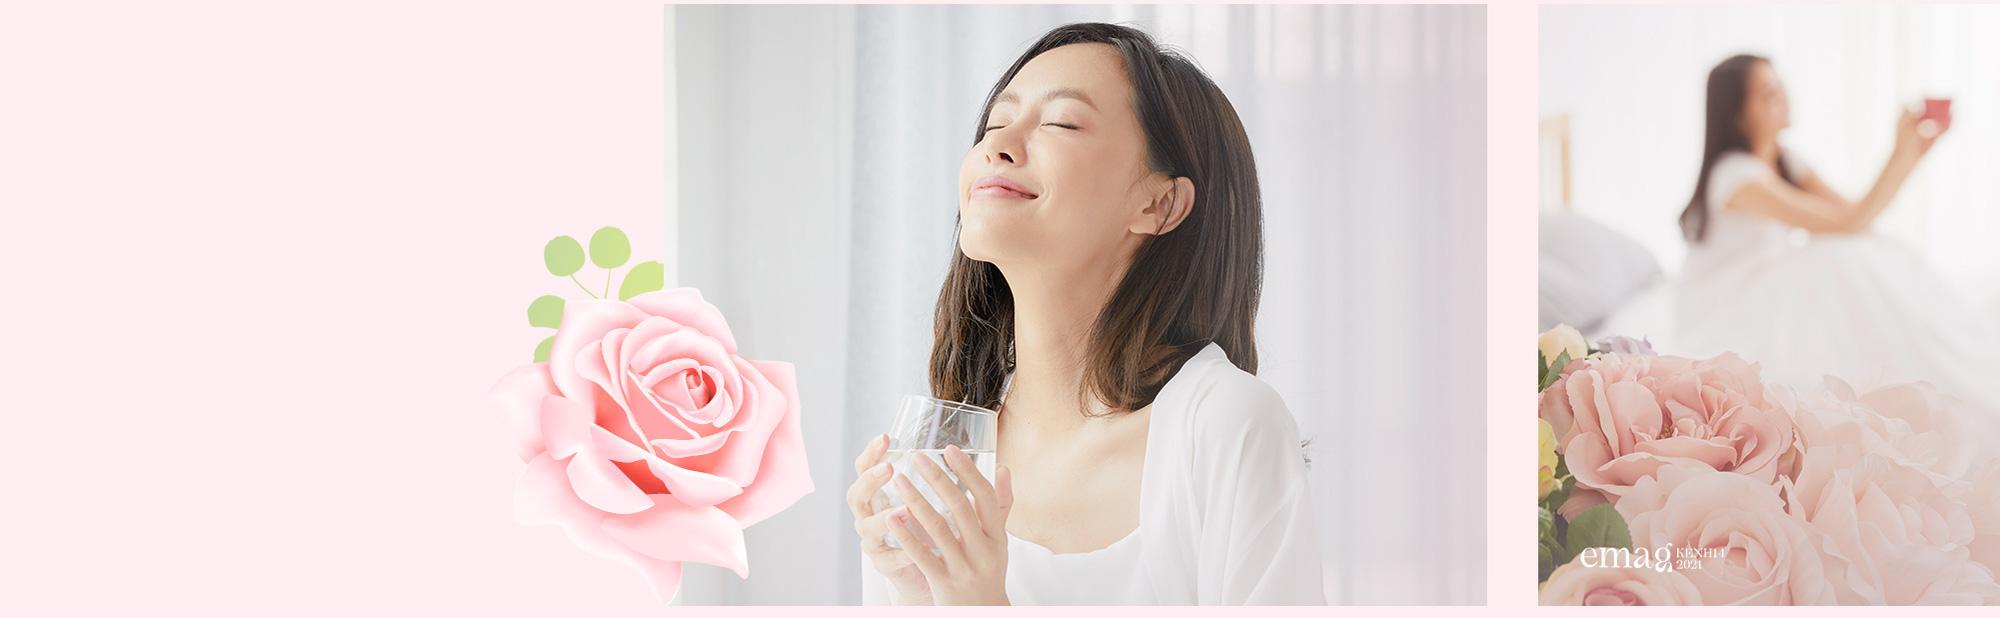 """Chỉ khi """"sống hồng tươi"""", phái nữ mới thực sự đẹp tỏa sáng bên ngoài, vui vẻ từ bên trong, cuồng nhiệt đón nhận mọi vận hội đời mình! - Ảnh 7."""